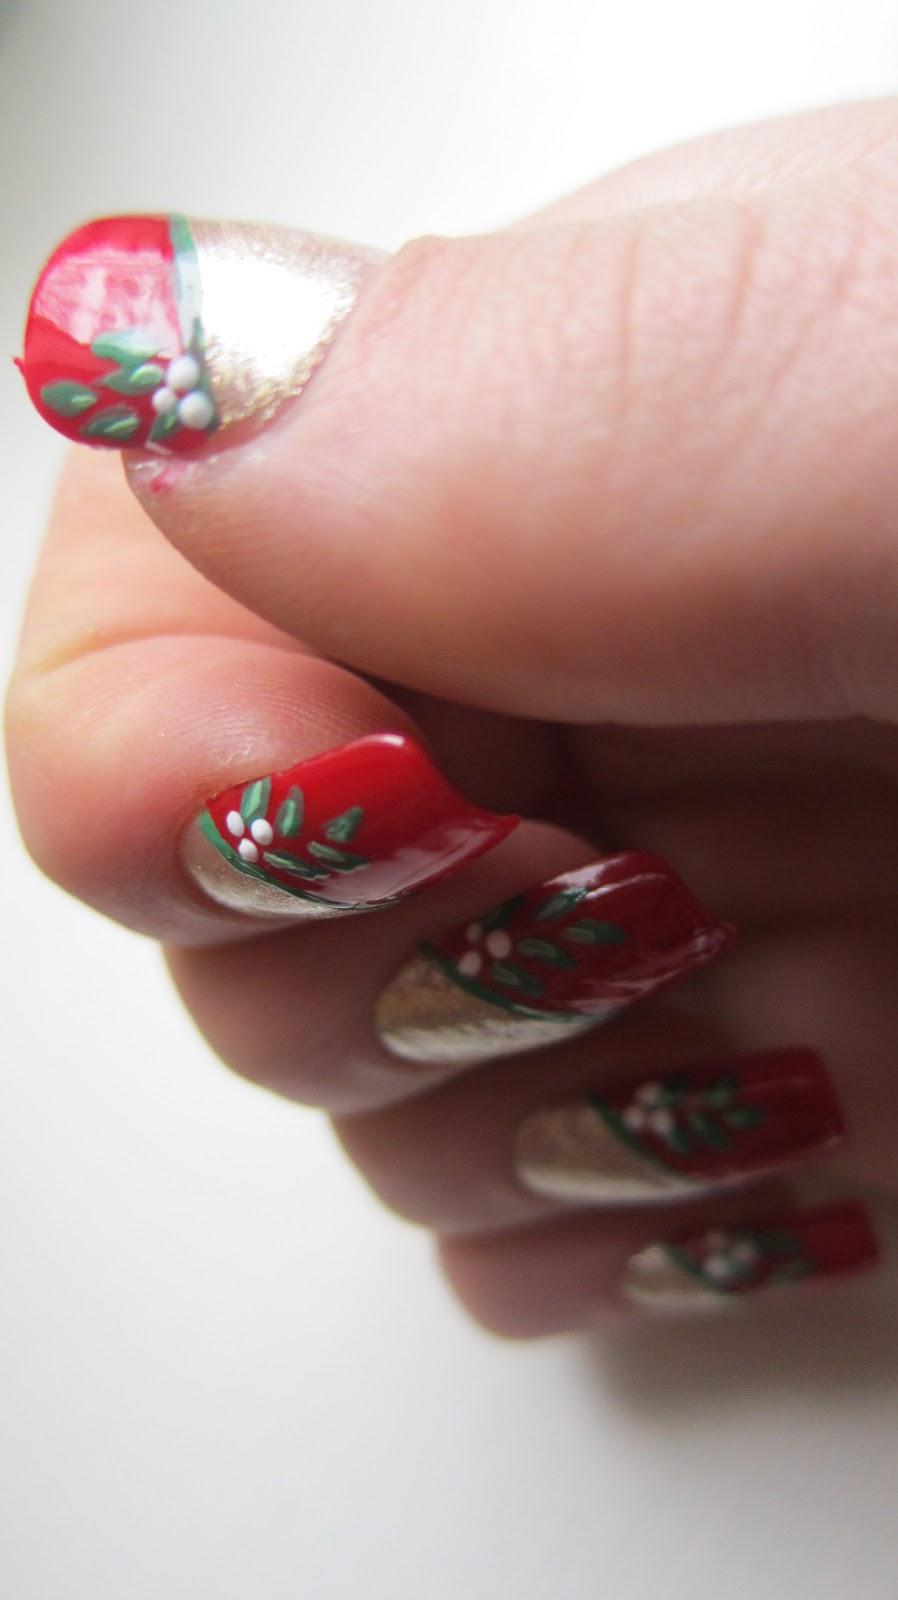 Everflair Christmas 2012 Nail Art Design